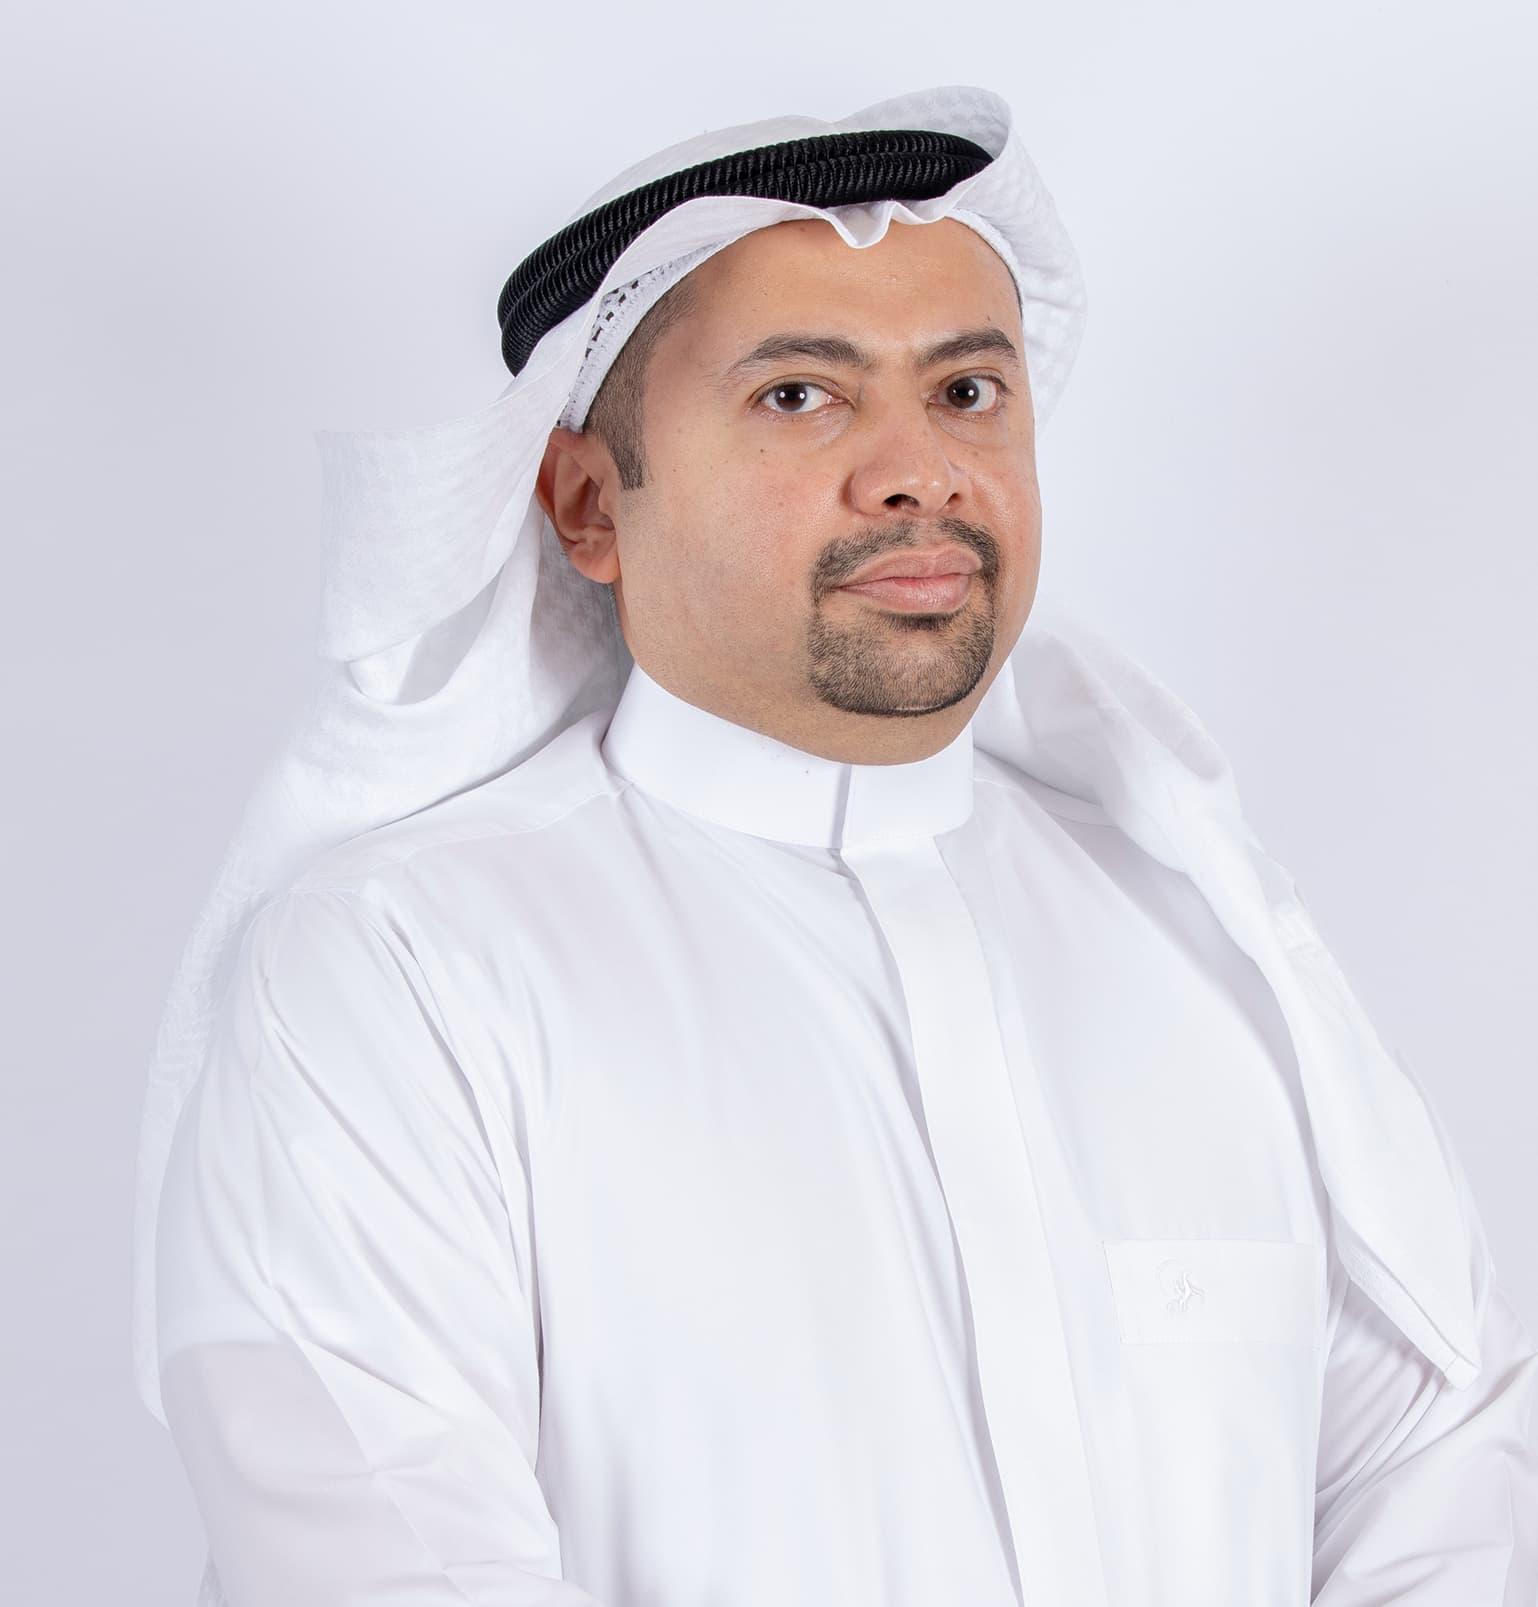 الدكتور تركي عمر بقشان